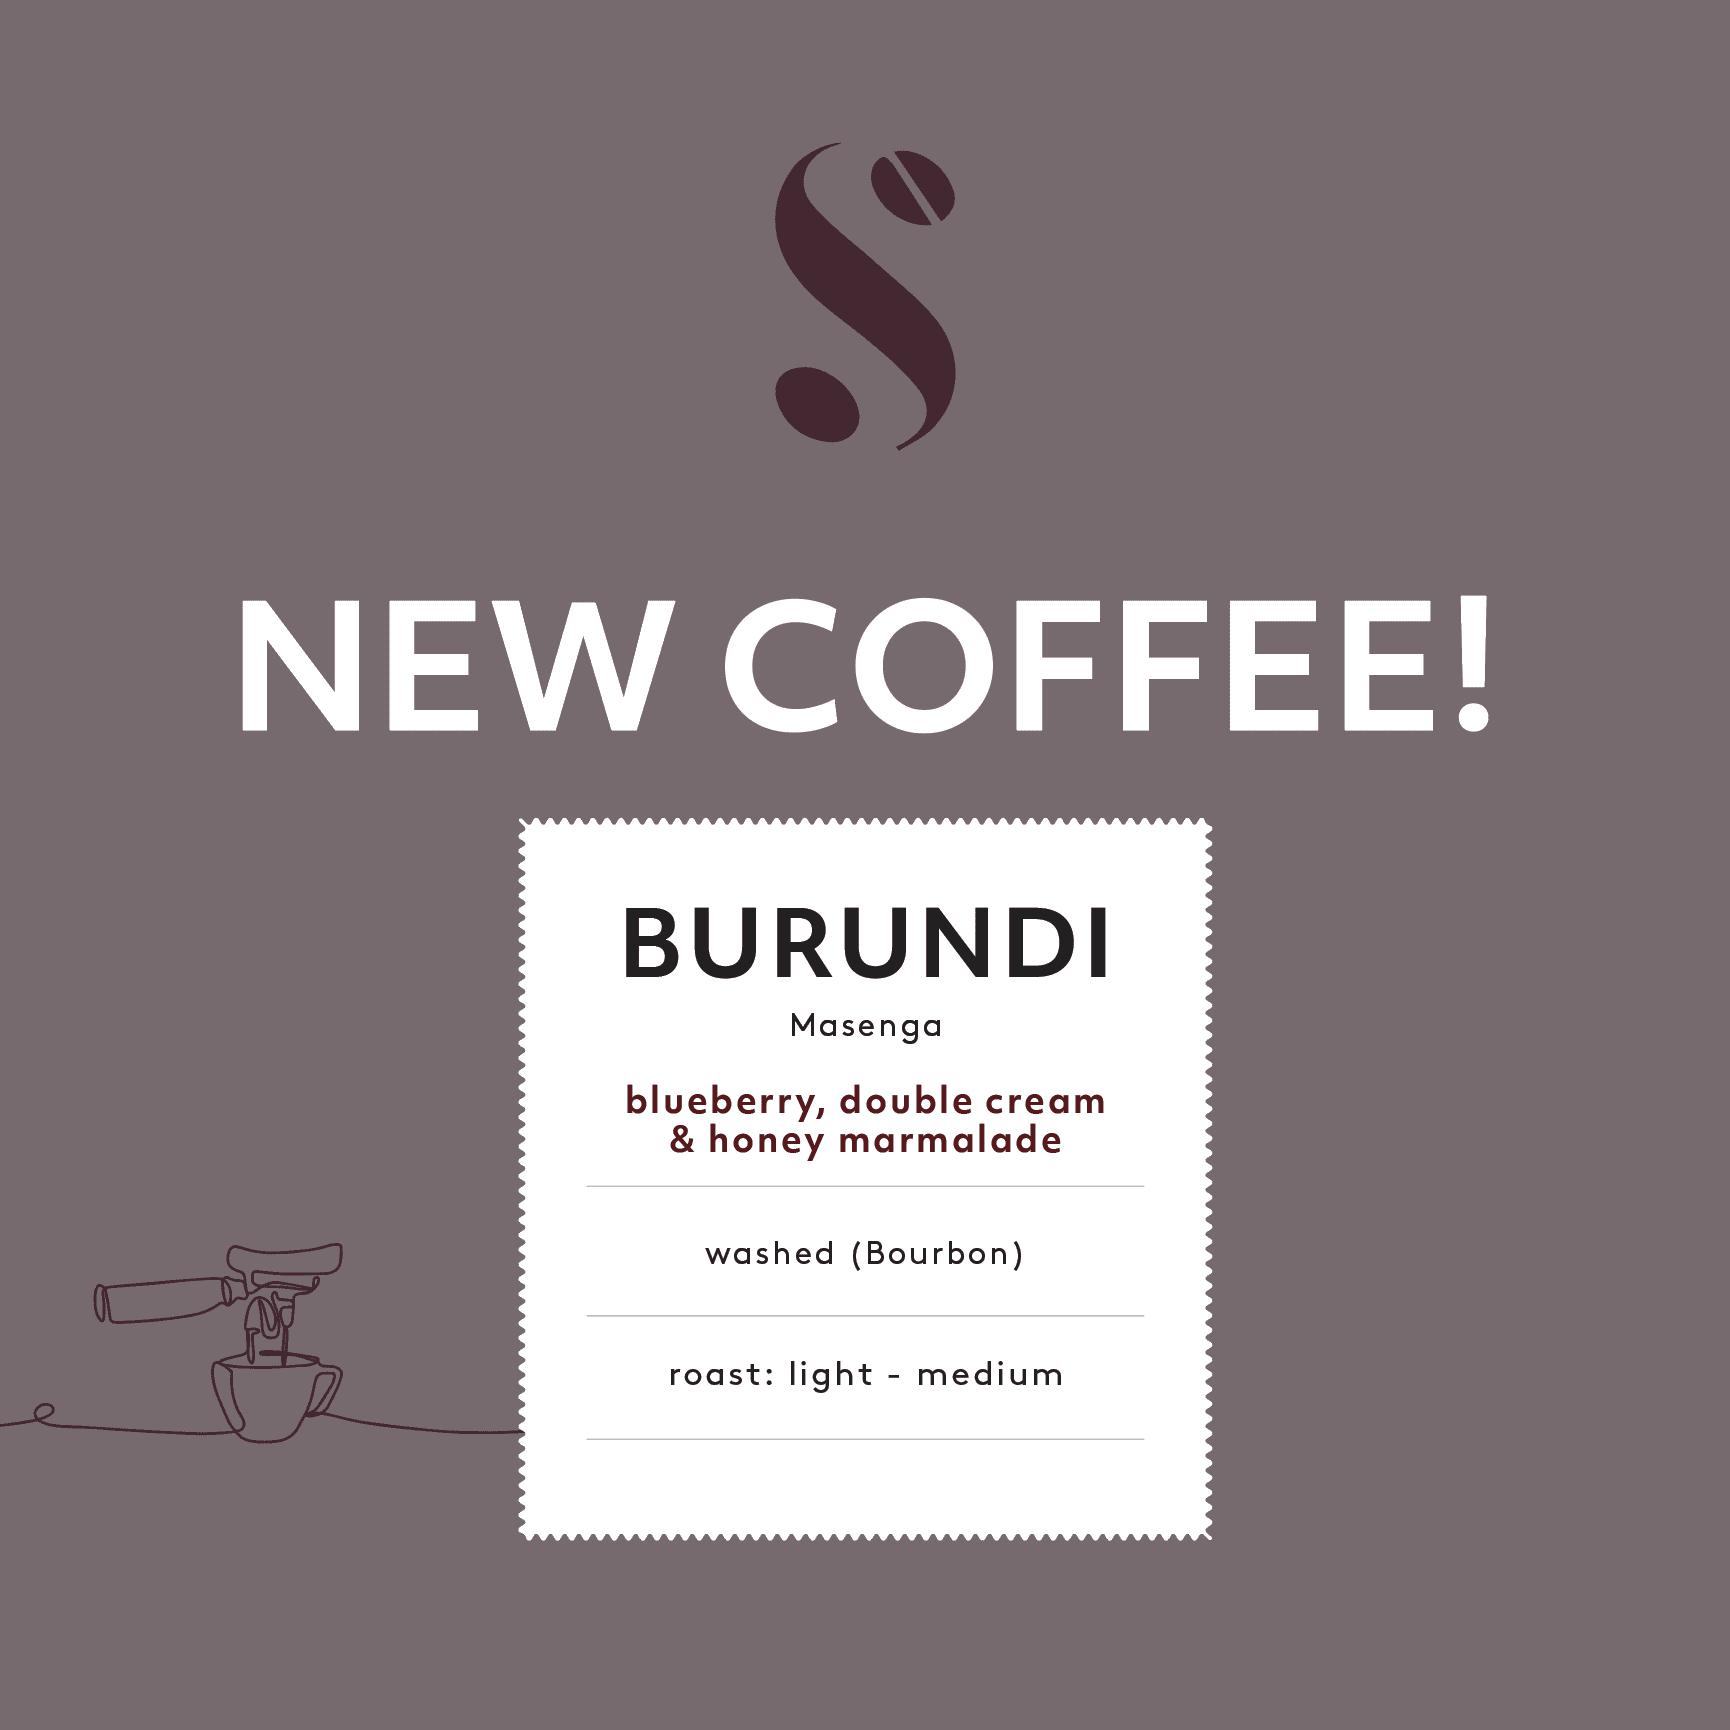 Burundi Coffee